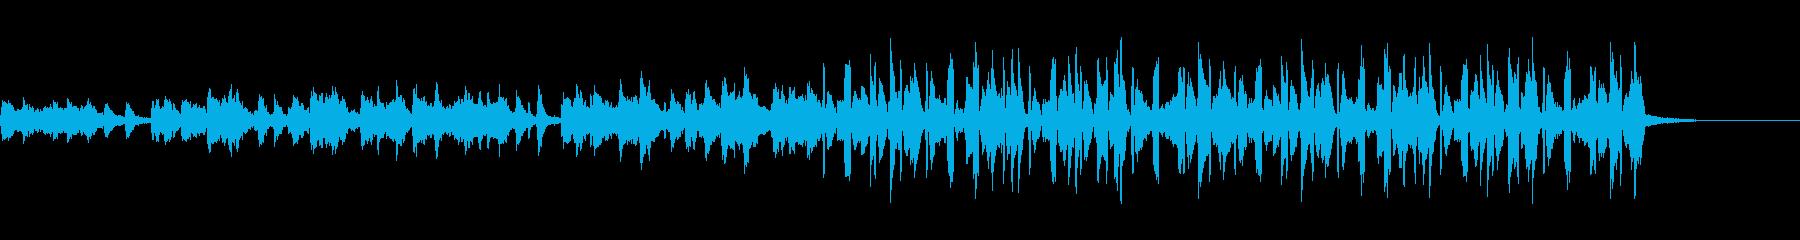 ノリのいい四つ打ちなファンクの再生済みの波形